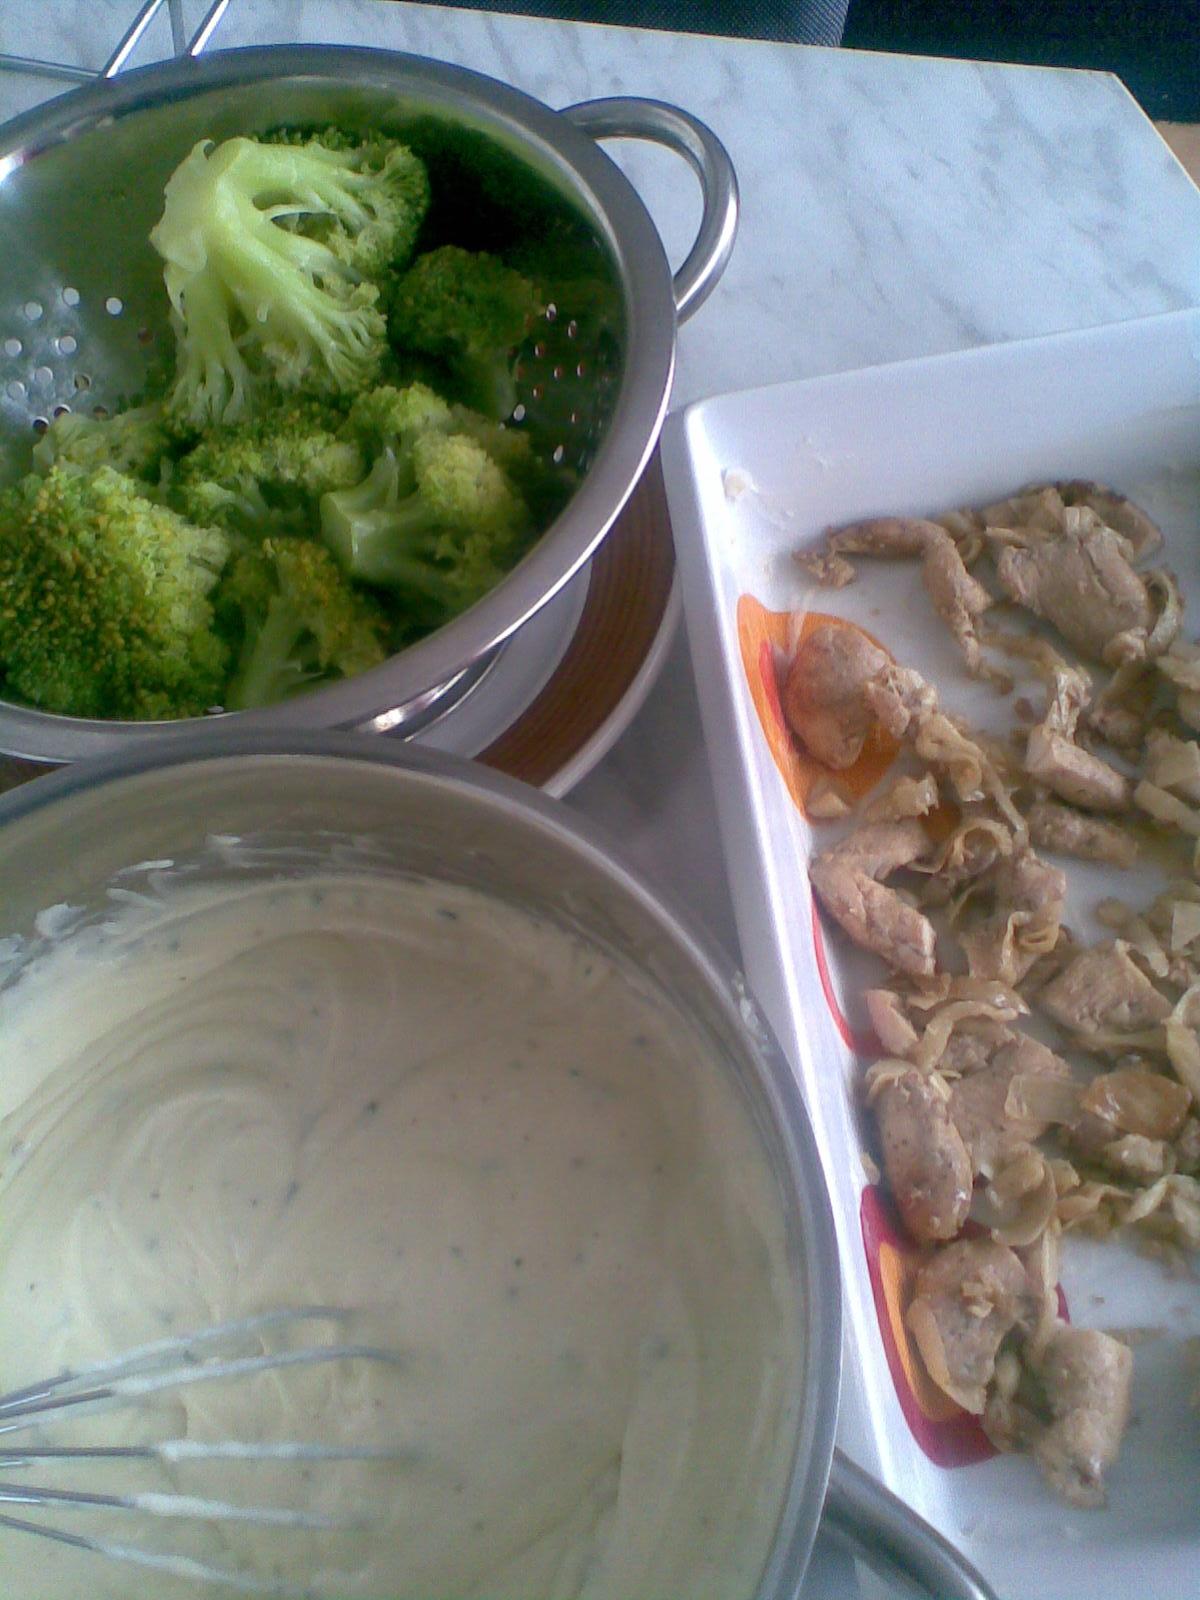 Recept Brokolice s těstovinami - dala jsem na dno misky kuřecí maso,orestované